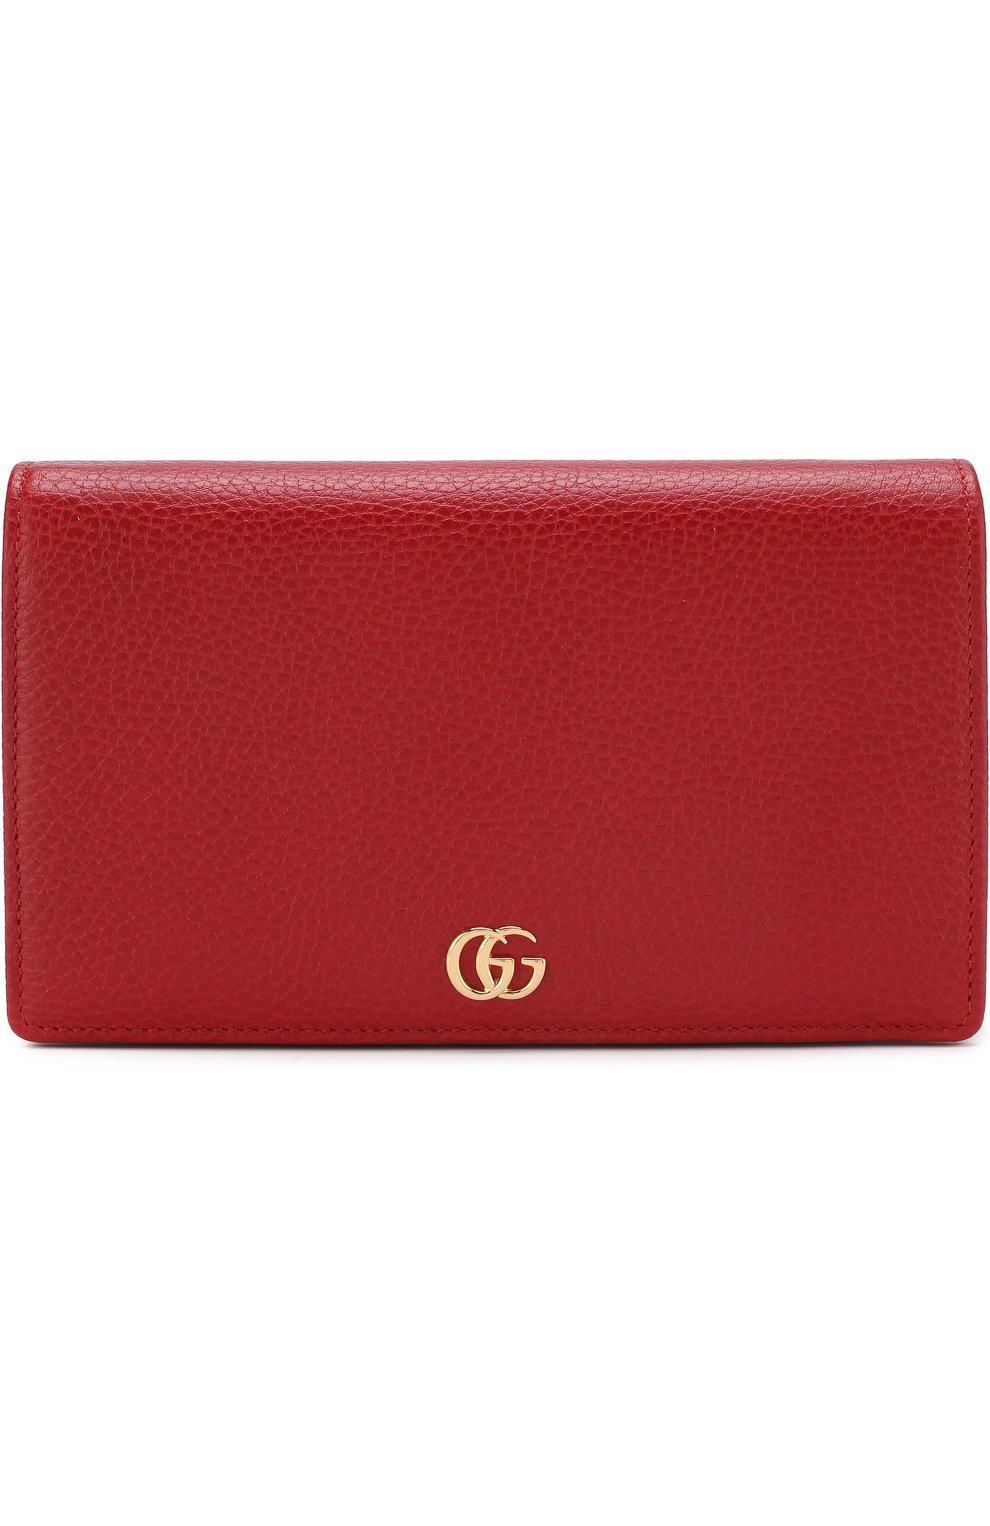 Женская сумка gg marmont mini GUCCI красного цвета, арт. 497985/CA00G | Фото 1